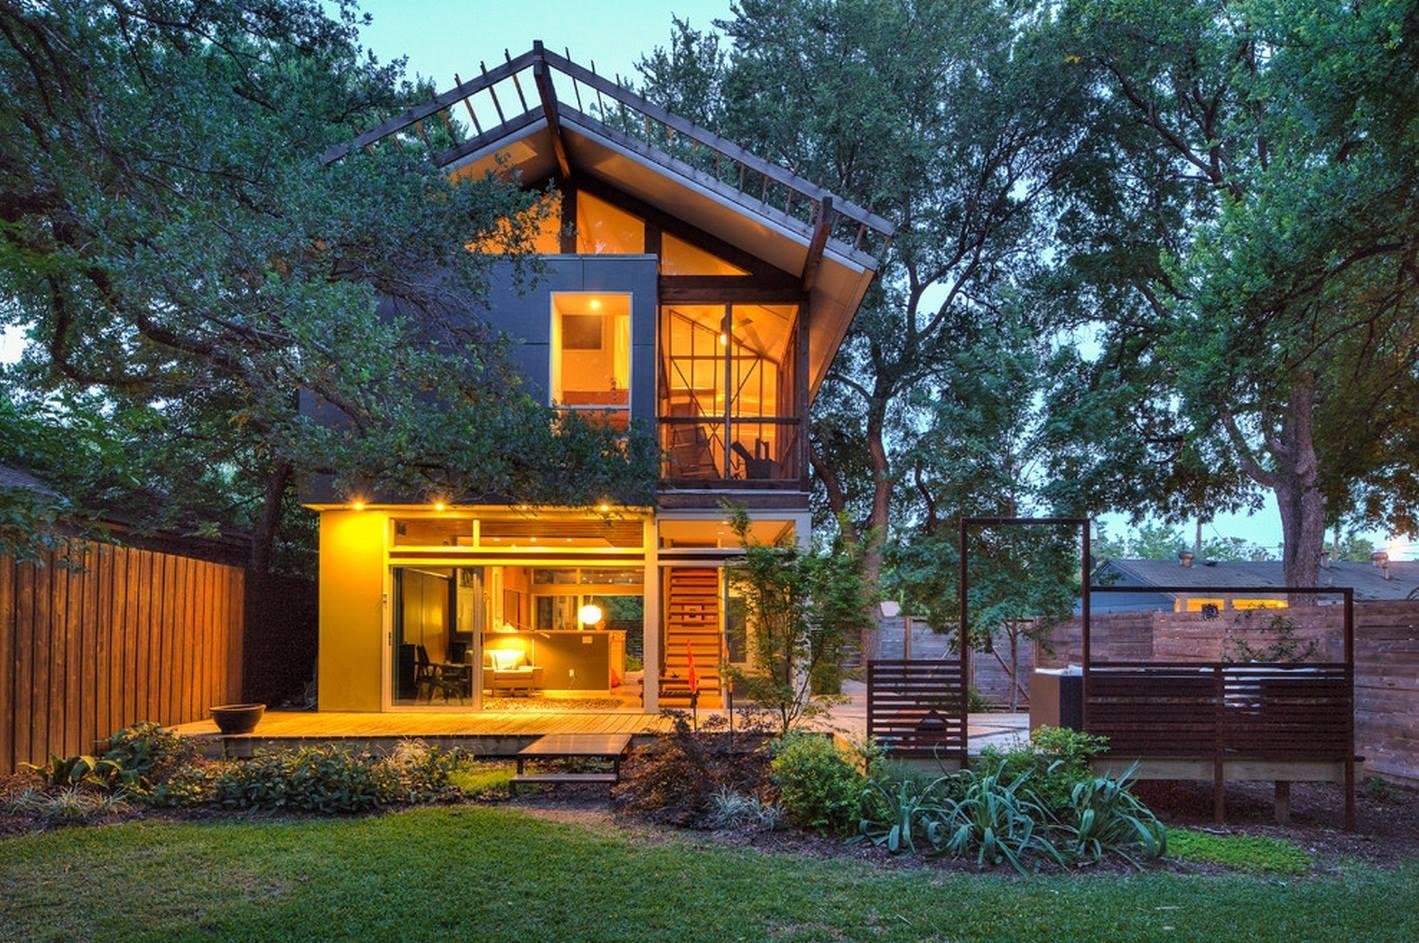 Pequeña cabaña en Estados Unidos deslumbra por su diseño ecológico y ...